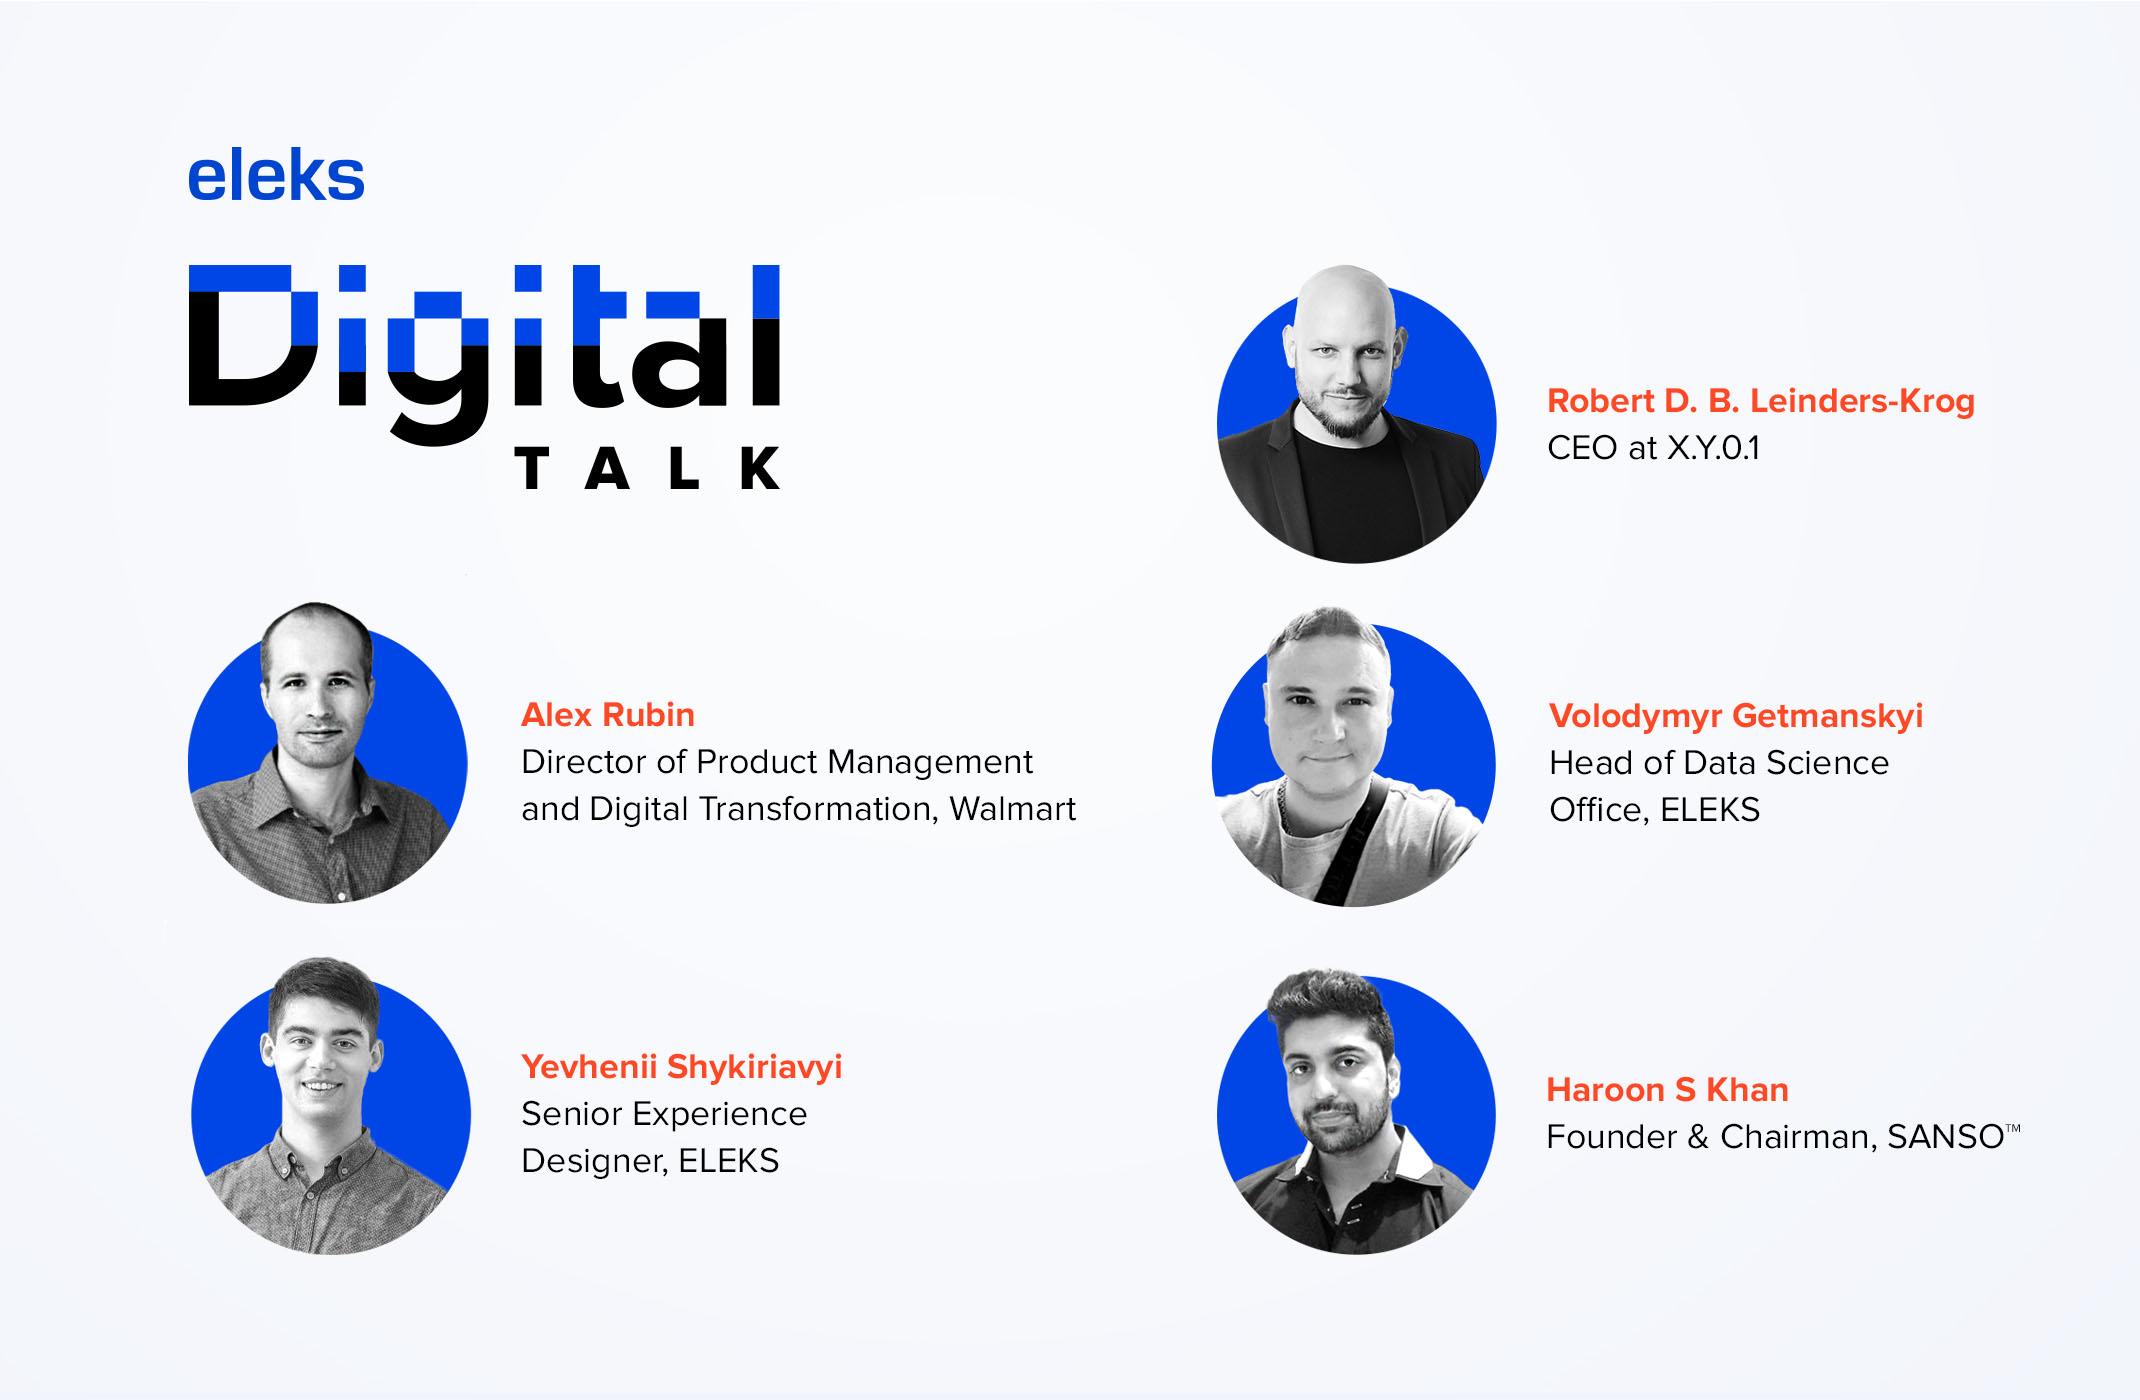 DigitalTalk speakers